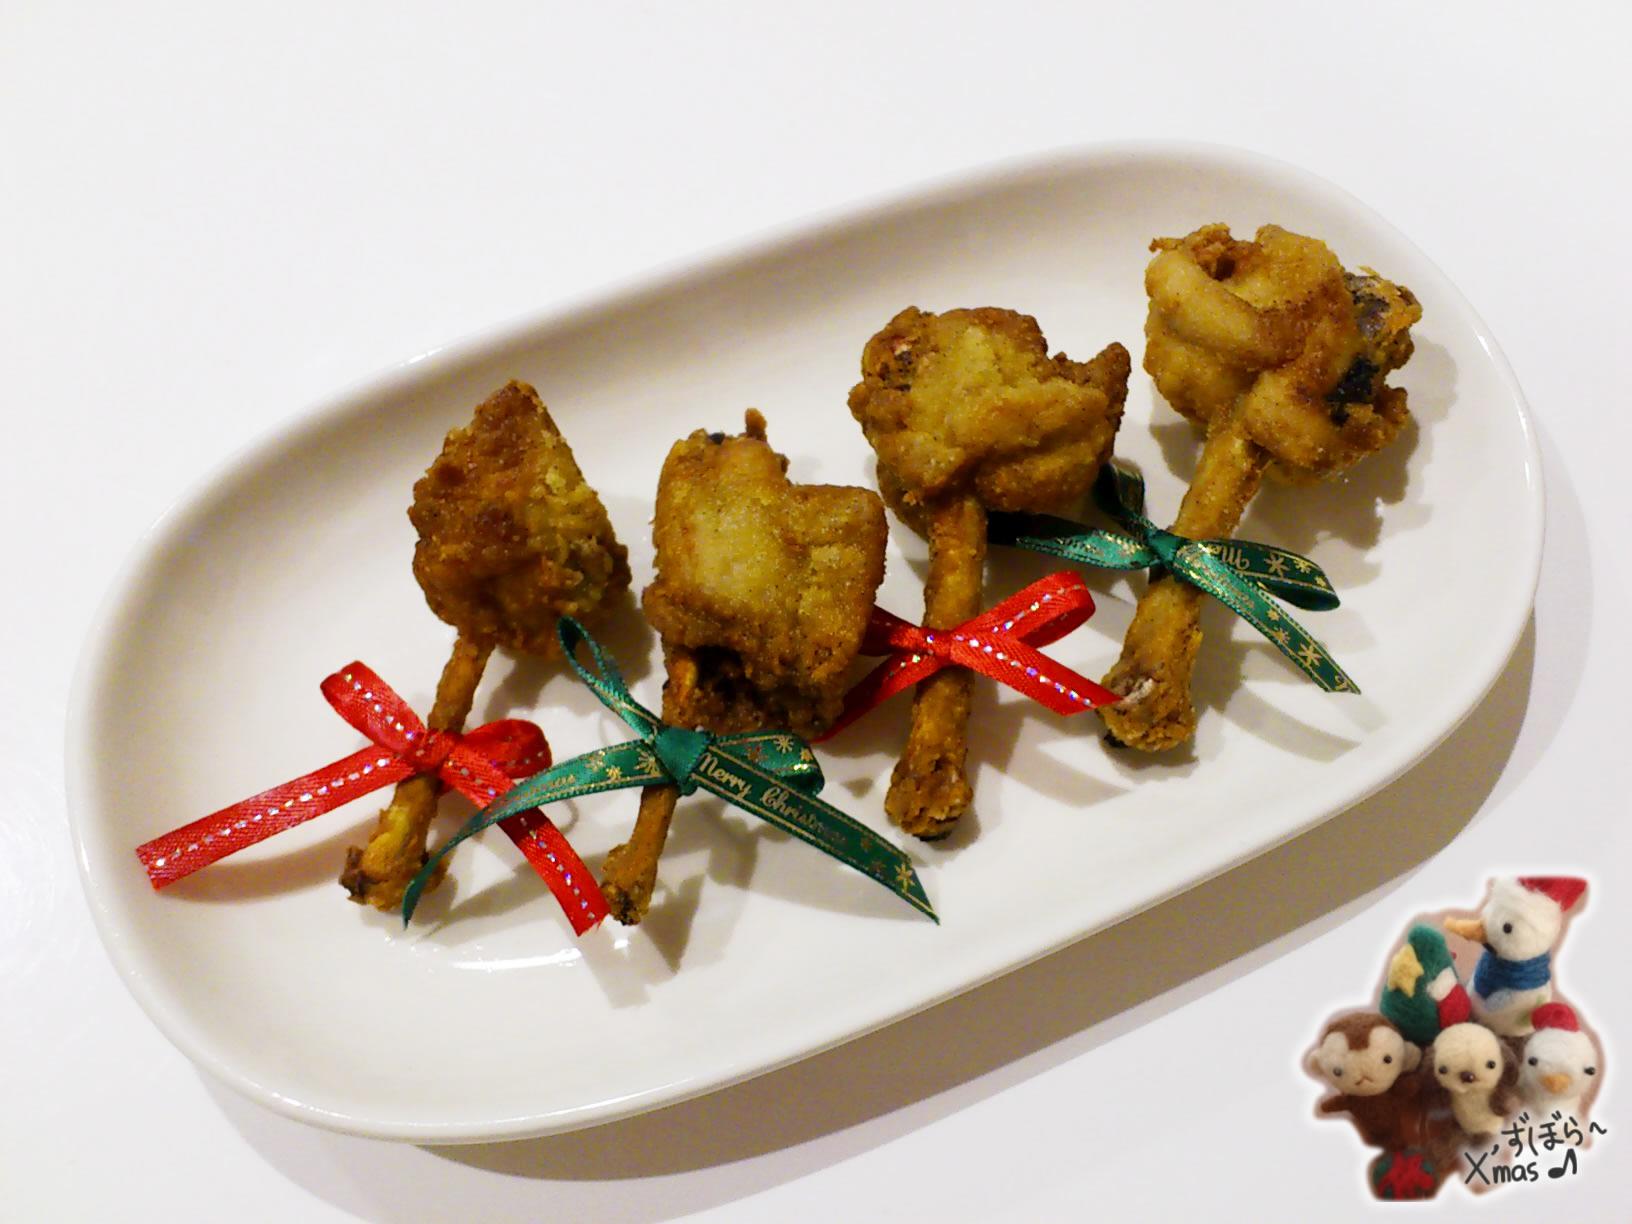 鶏肉:チューリップチキン(クリスマスメニュー)